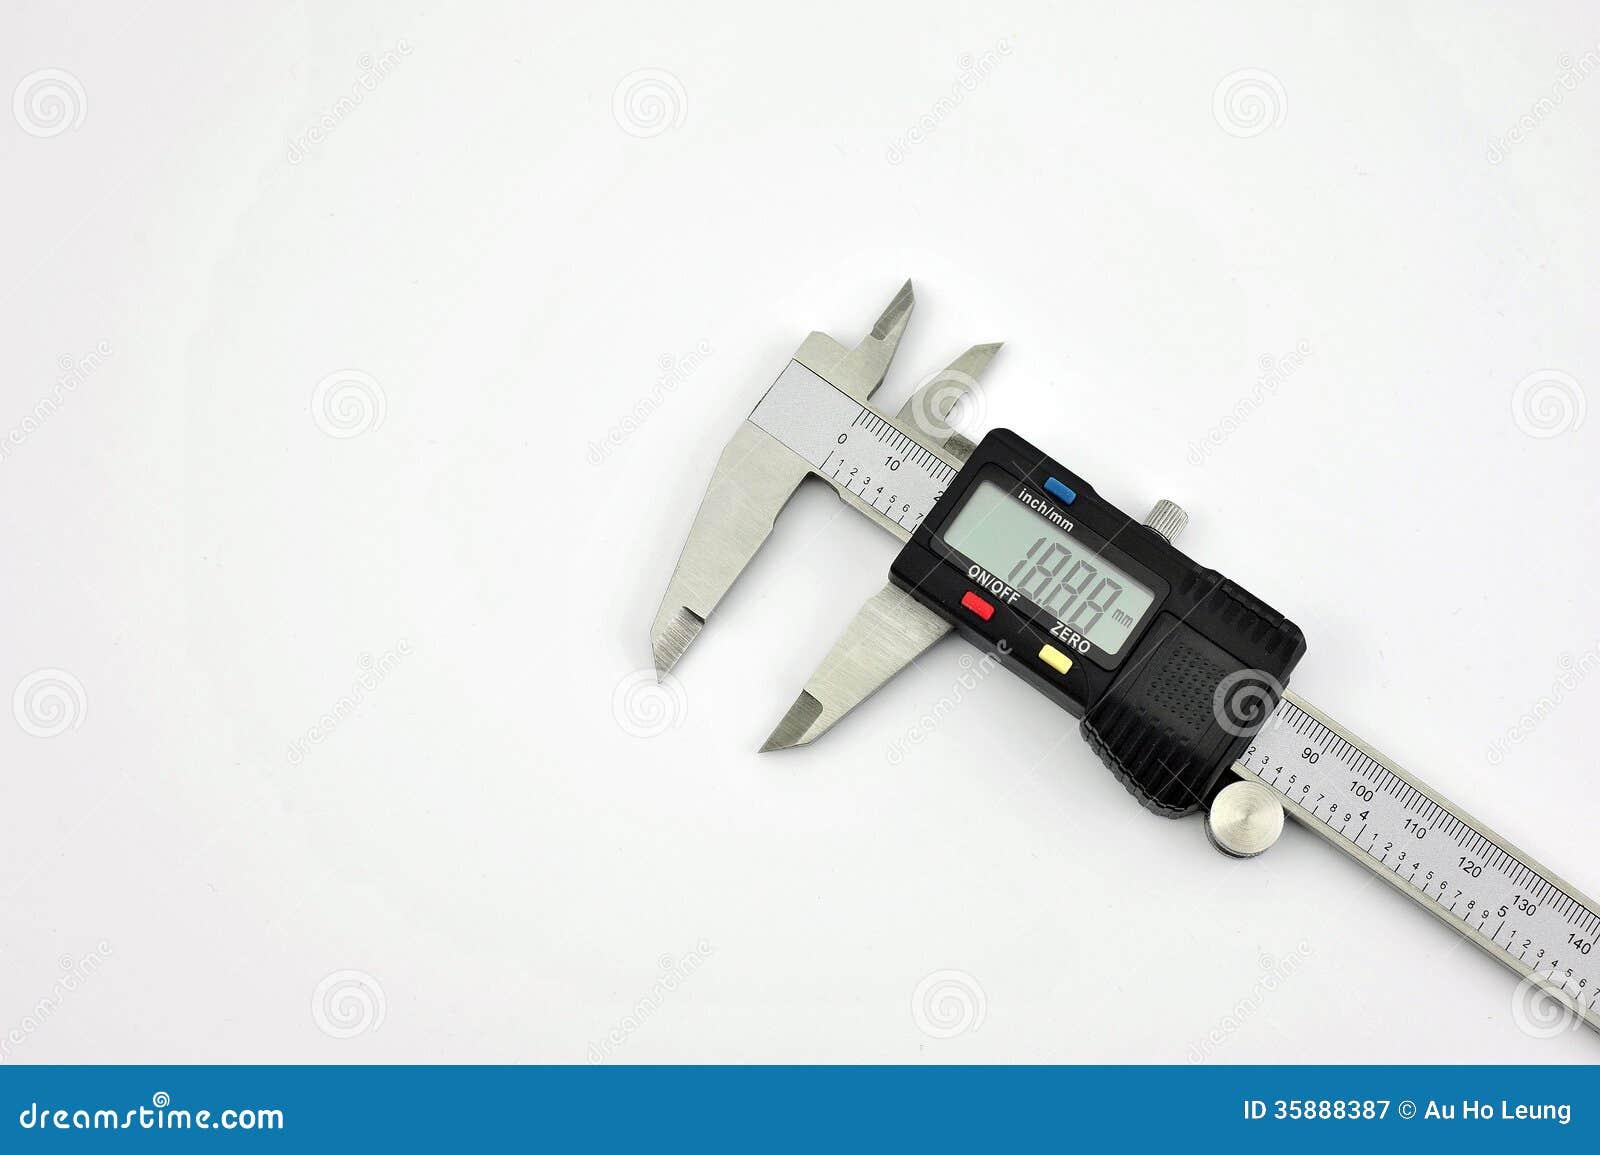 Compasso de calibre digital eletrônico